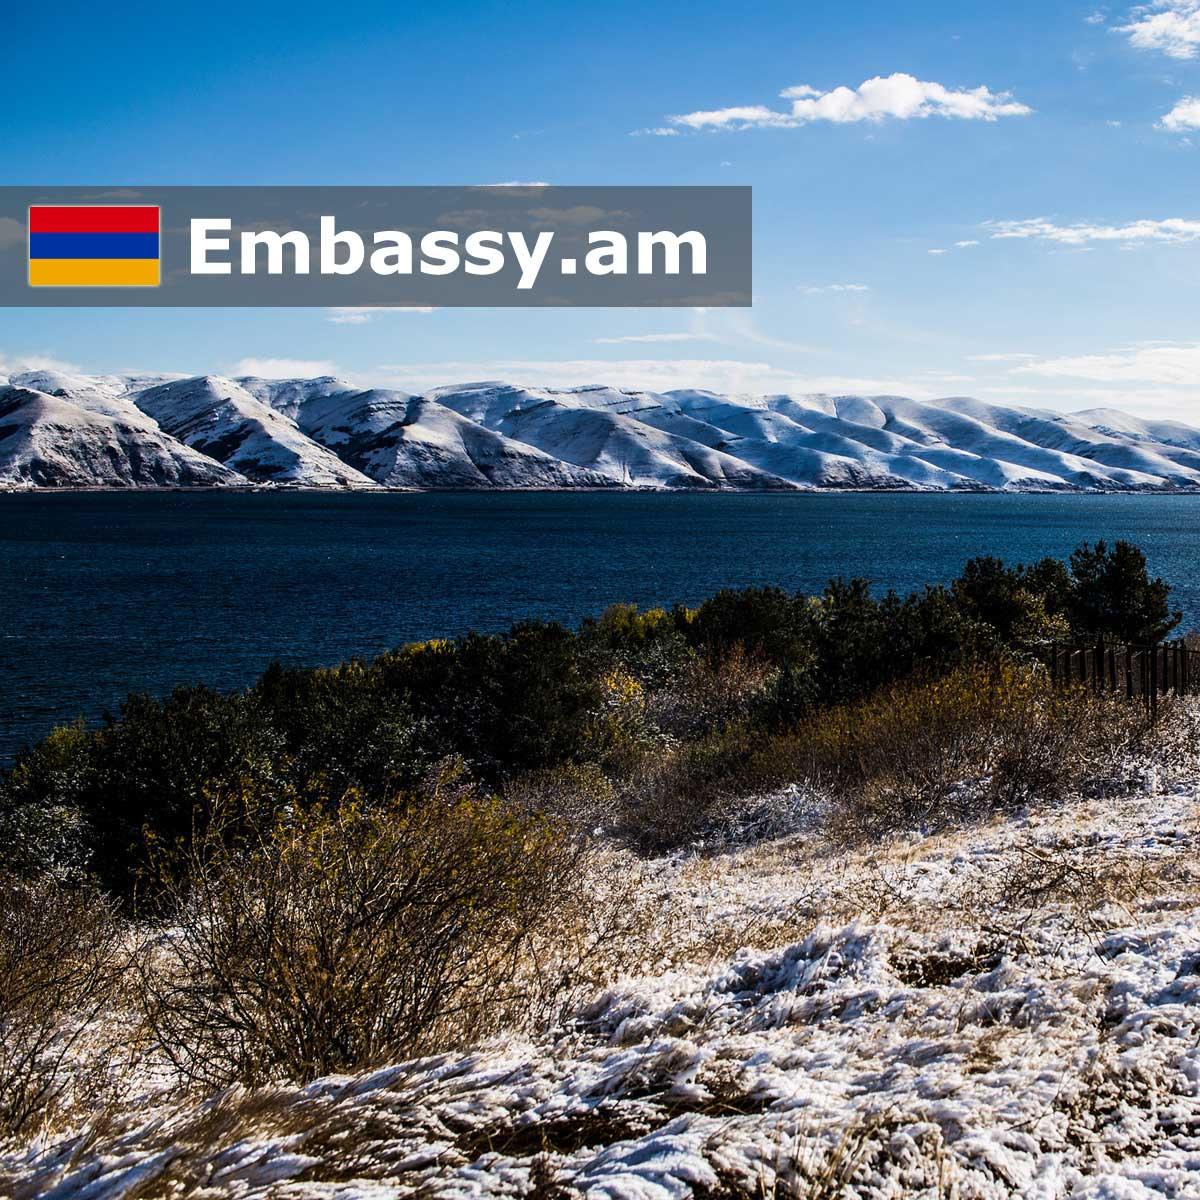 Севан - Отели в Армении - Embassy.am